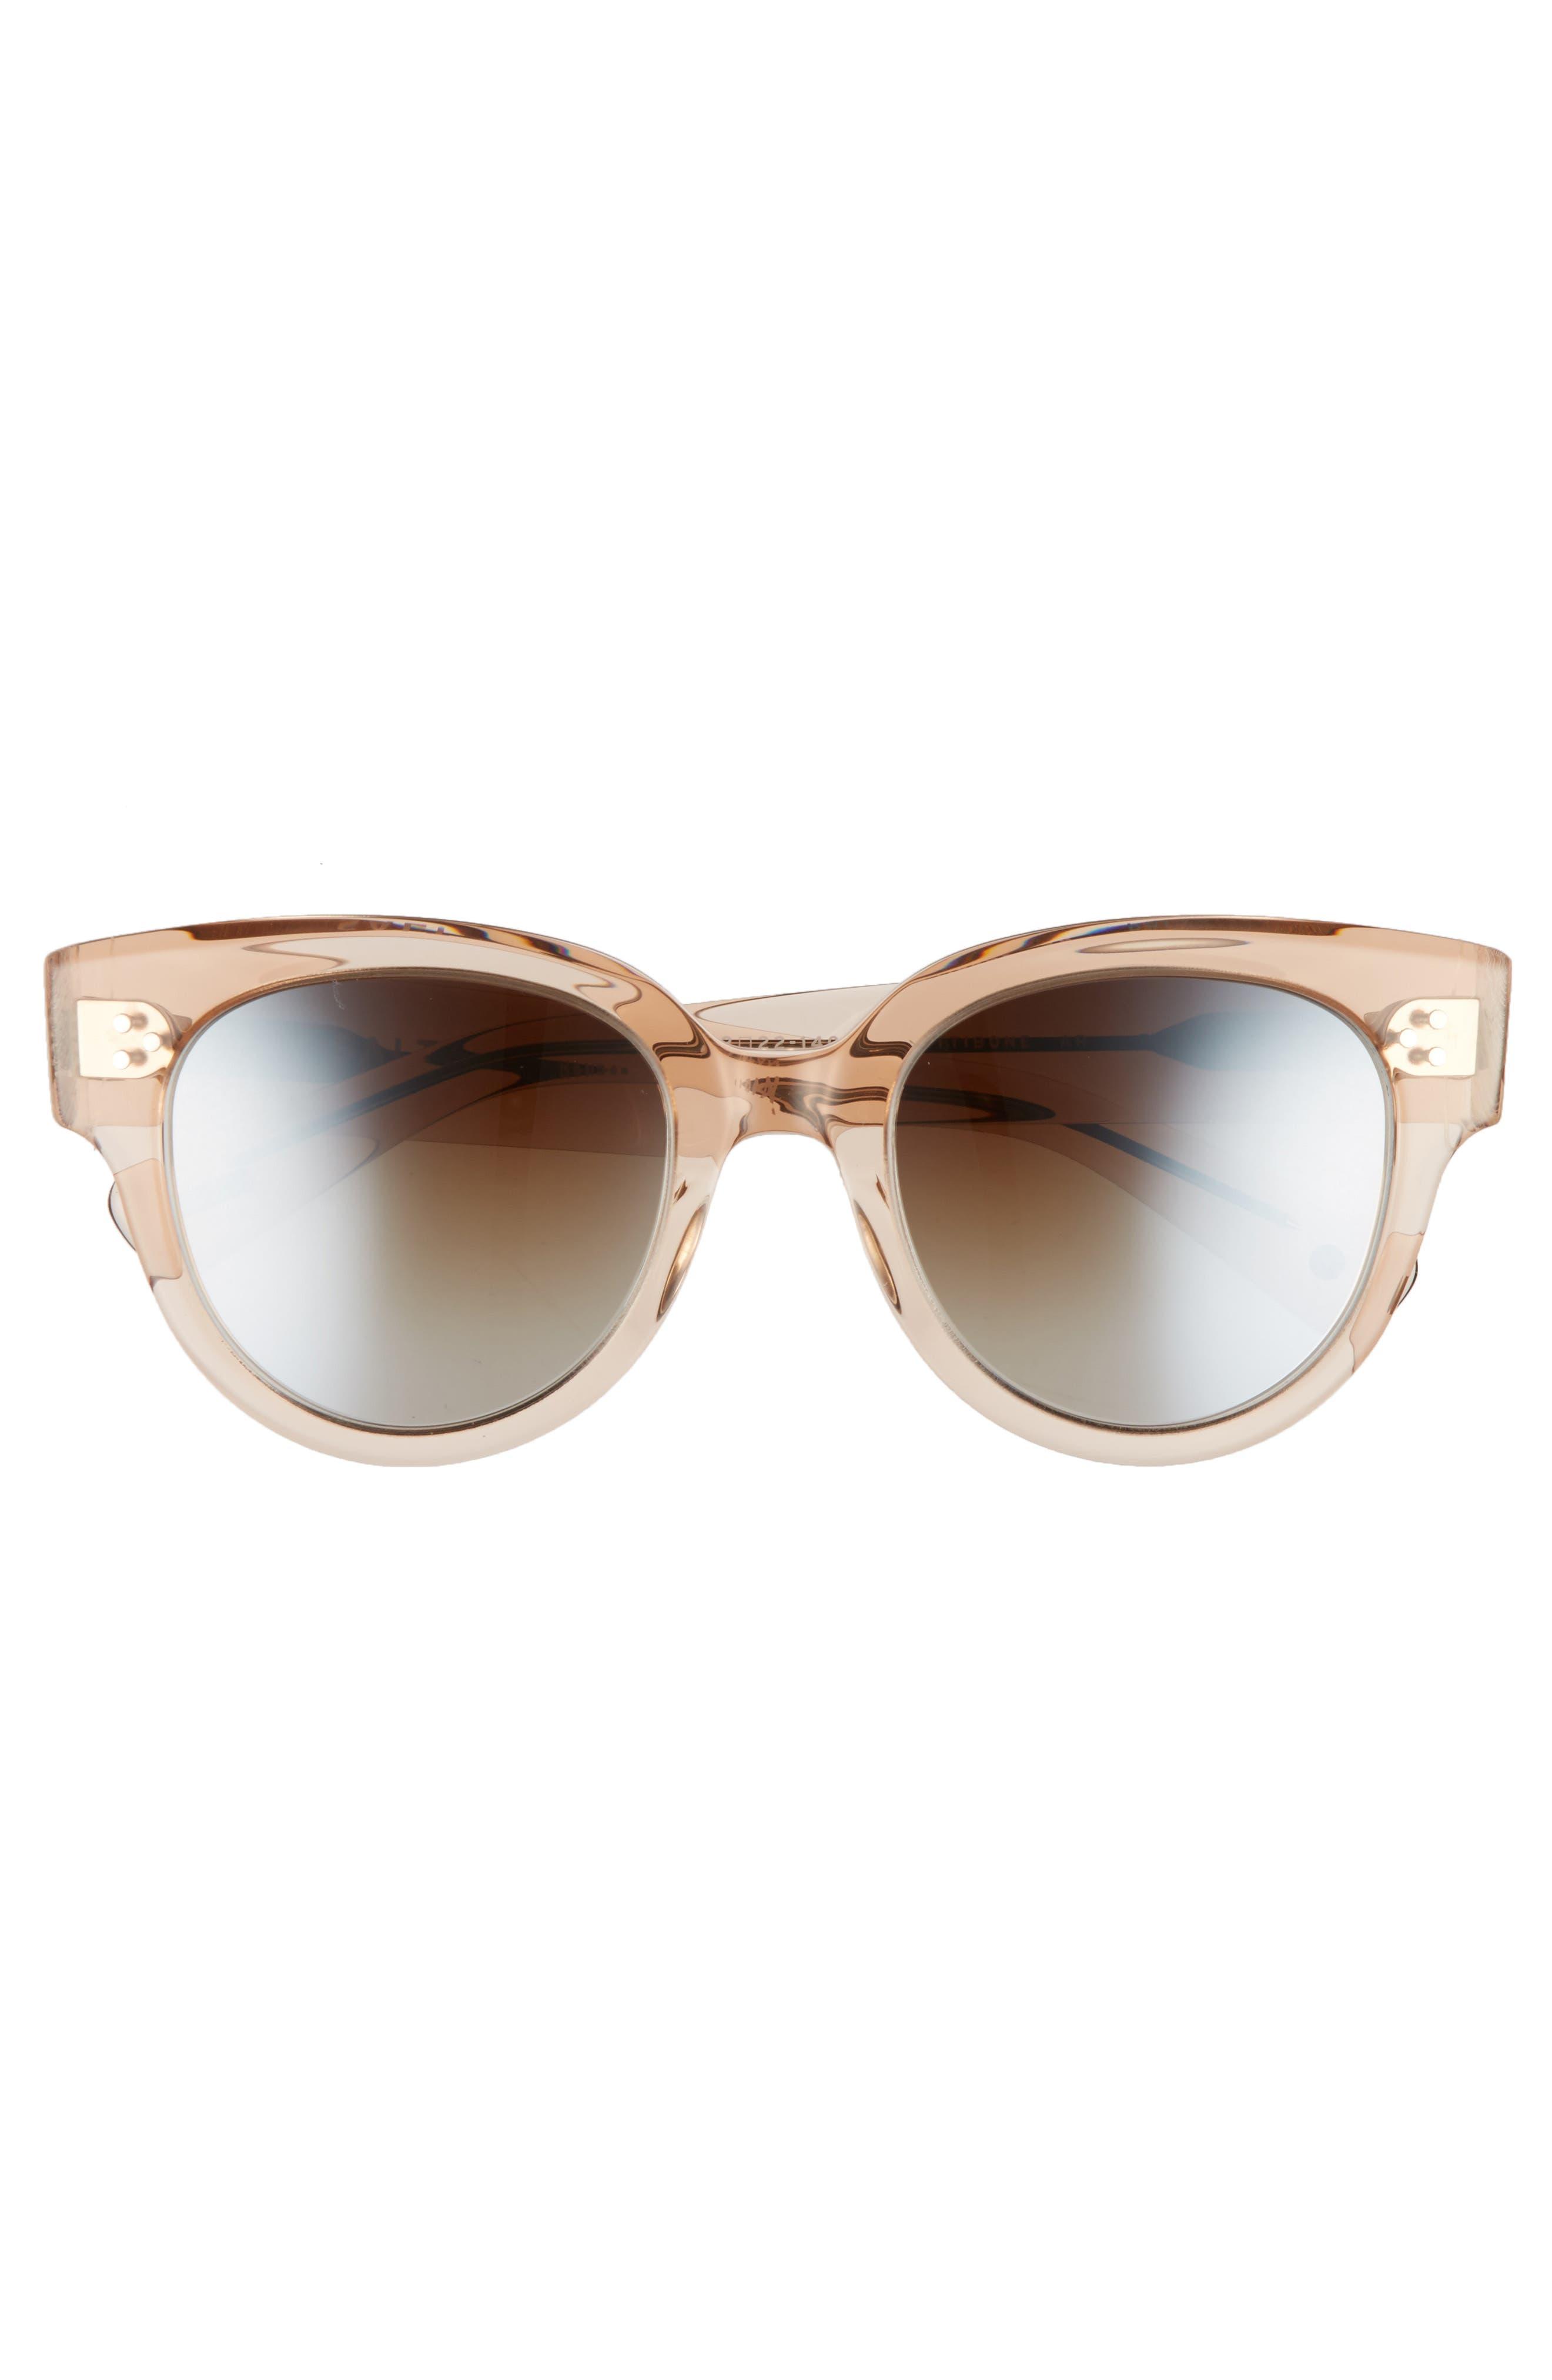 Pettibone 52mm Polarized Sunglasses,                             Alternate thumbnail 12, color,